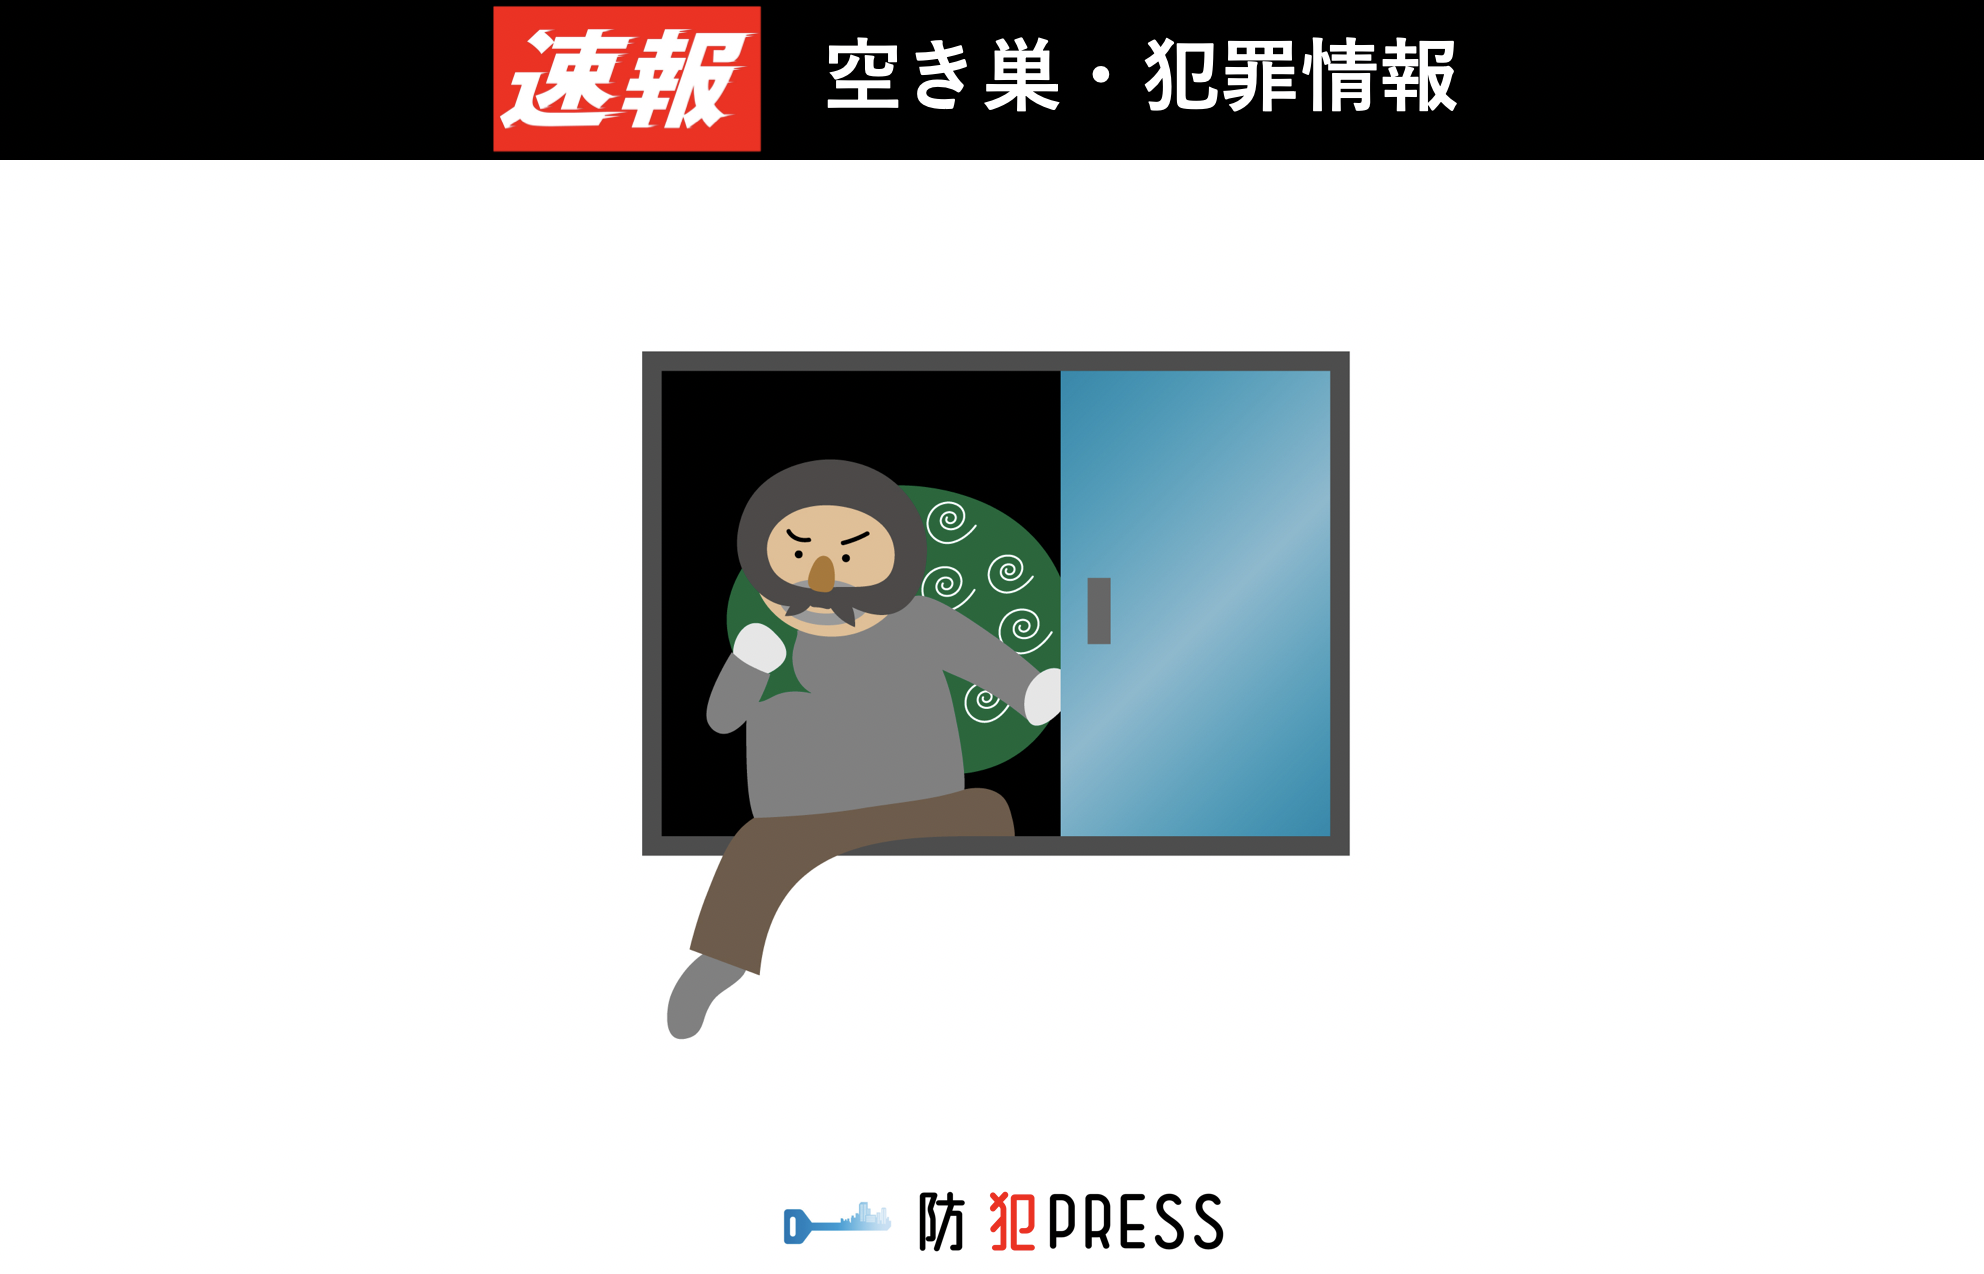 パトネットあいち 犯罪情報(千種警察署)